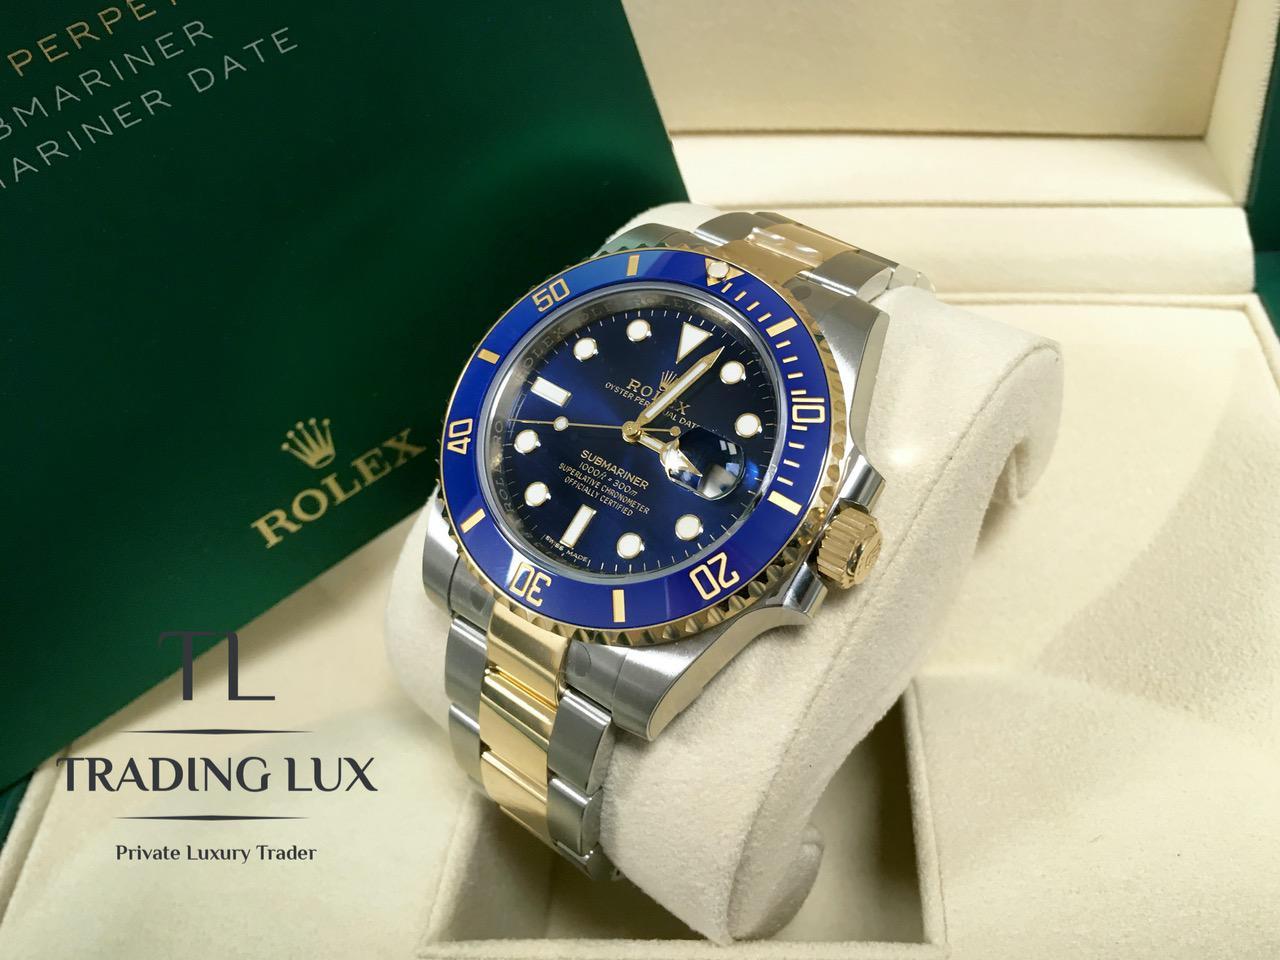 Rolex-Submariner-Date-116613LB-2